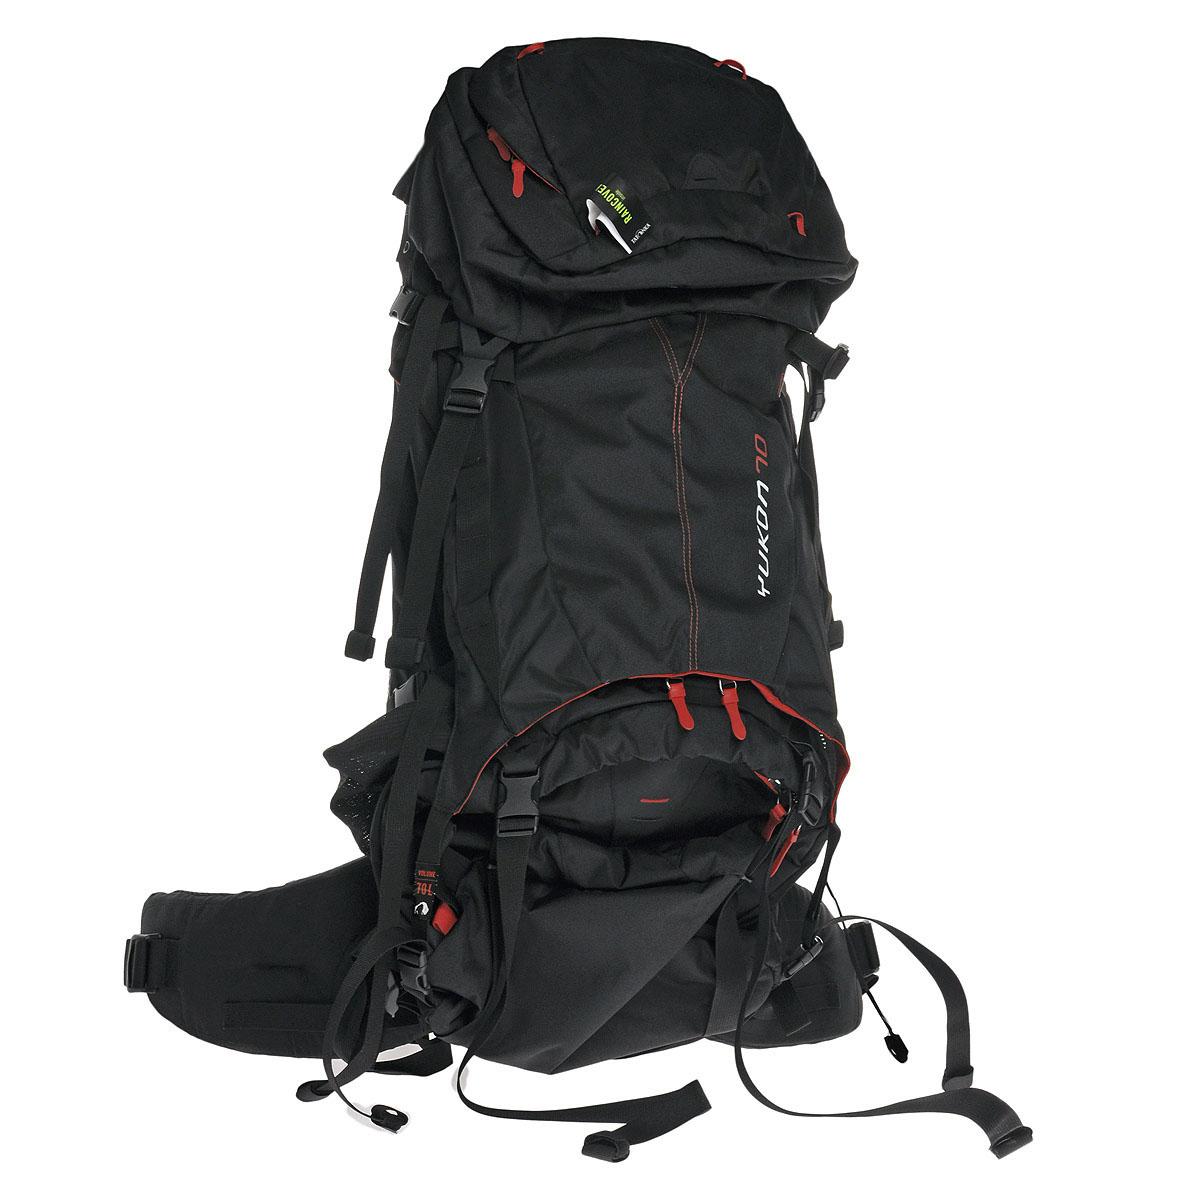 Рюкзак туристический Tatonka Yukon 70, цвет: черный1402.040Высокотехнологичный рюкзак Tatonka Yukon 70 предназначен для продолжительных походов. Регулируемая система подвески V2 оптимально распределяет нагрузку на бедра. Спинка с мягкой подкладкой, обтянутая терморегулирующей сеточкой Airmesh, обеспечивает комфорт и вентиляцию при длительных переходах. Особенности рюкзака: Подвеска V2. Регулируемая крышка-клапан. Мягкие регулируемые лямки и набедренный пояс. Дополнительный доступ в основное отделение. Большой передний карман на молнии. Боковые карманы. Боковые стяжки. Ручки для переноски. Крепление для ледоруба. Дождевой чехол. Отделение для питьевой системы. Отделение для аптечки. Держатель для ключей.